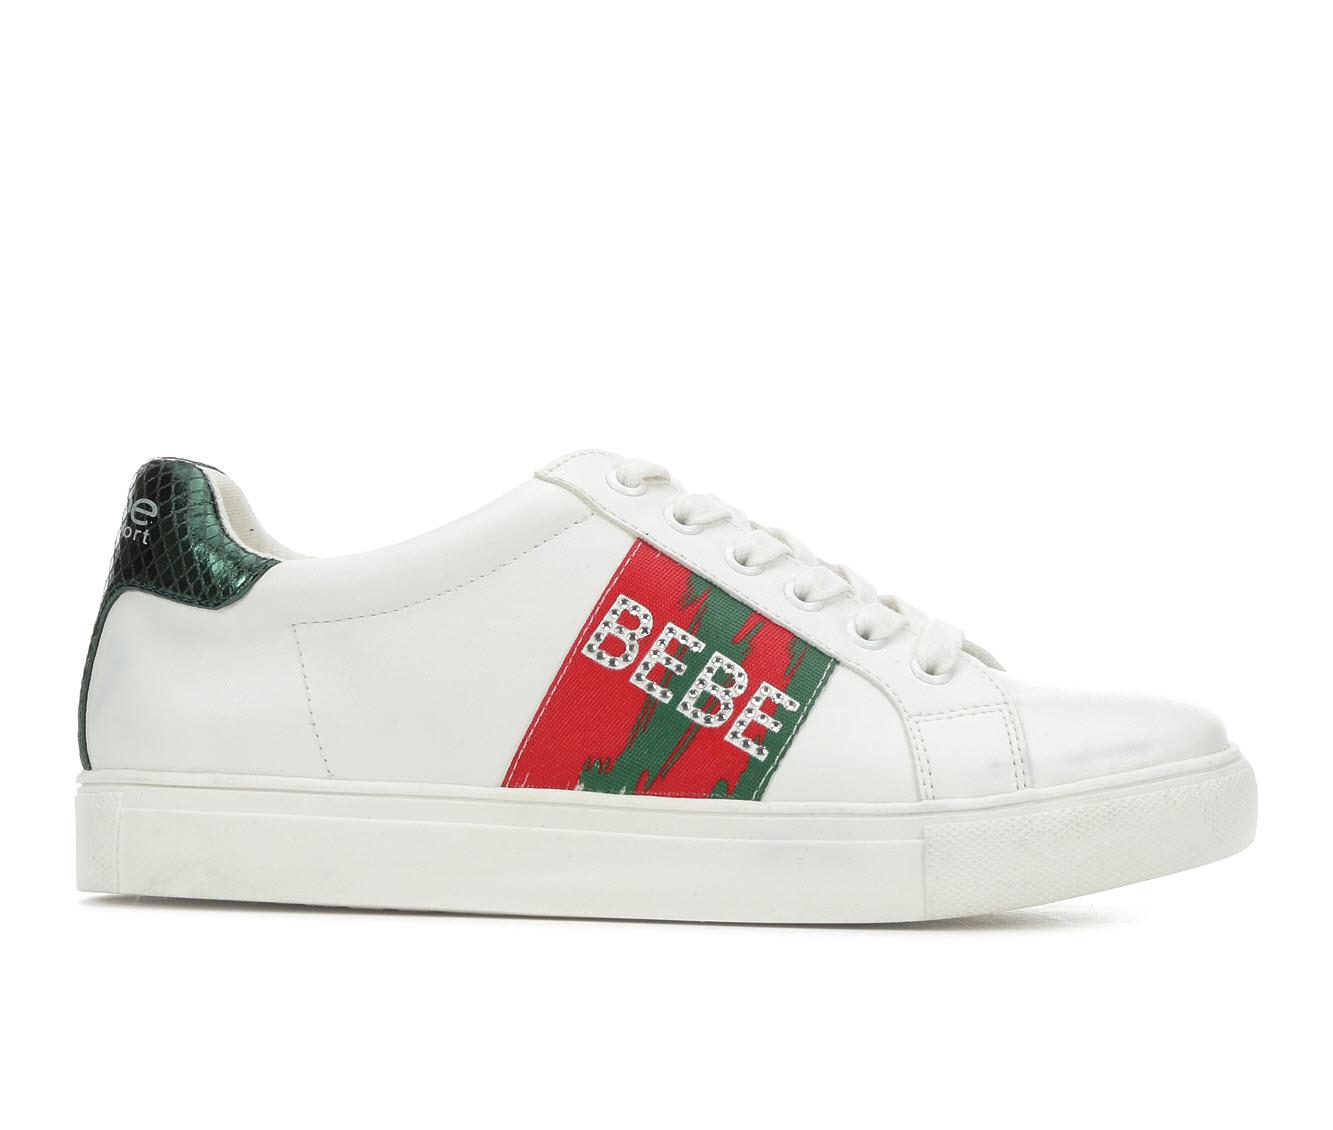 Bebe Sport Coley Women's Shoe (Multi-color Faux Leather)